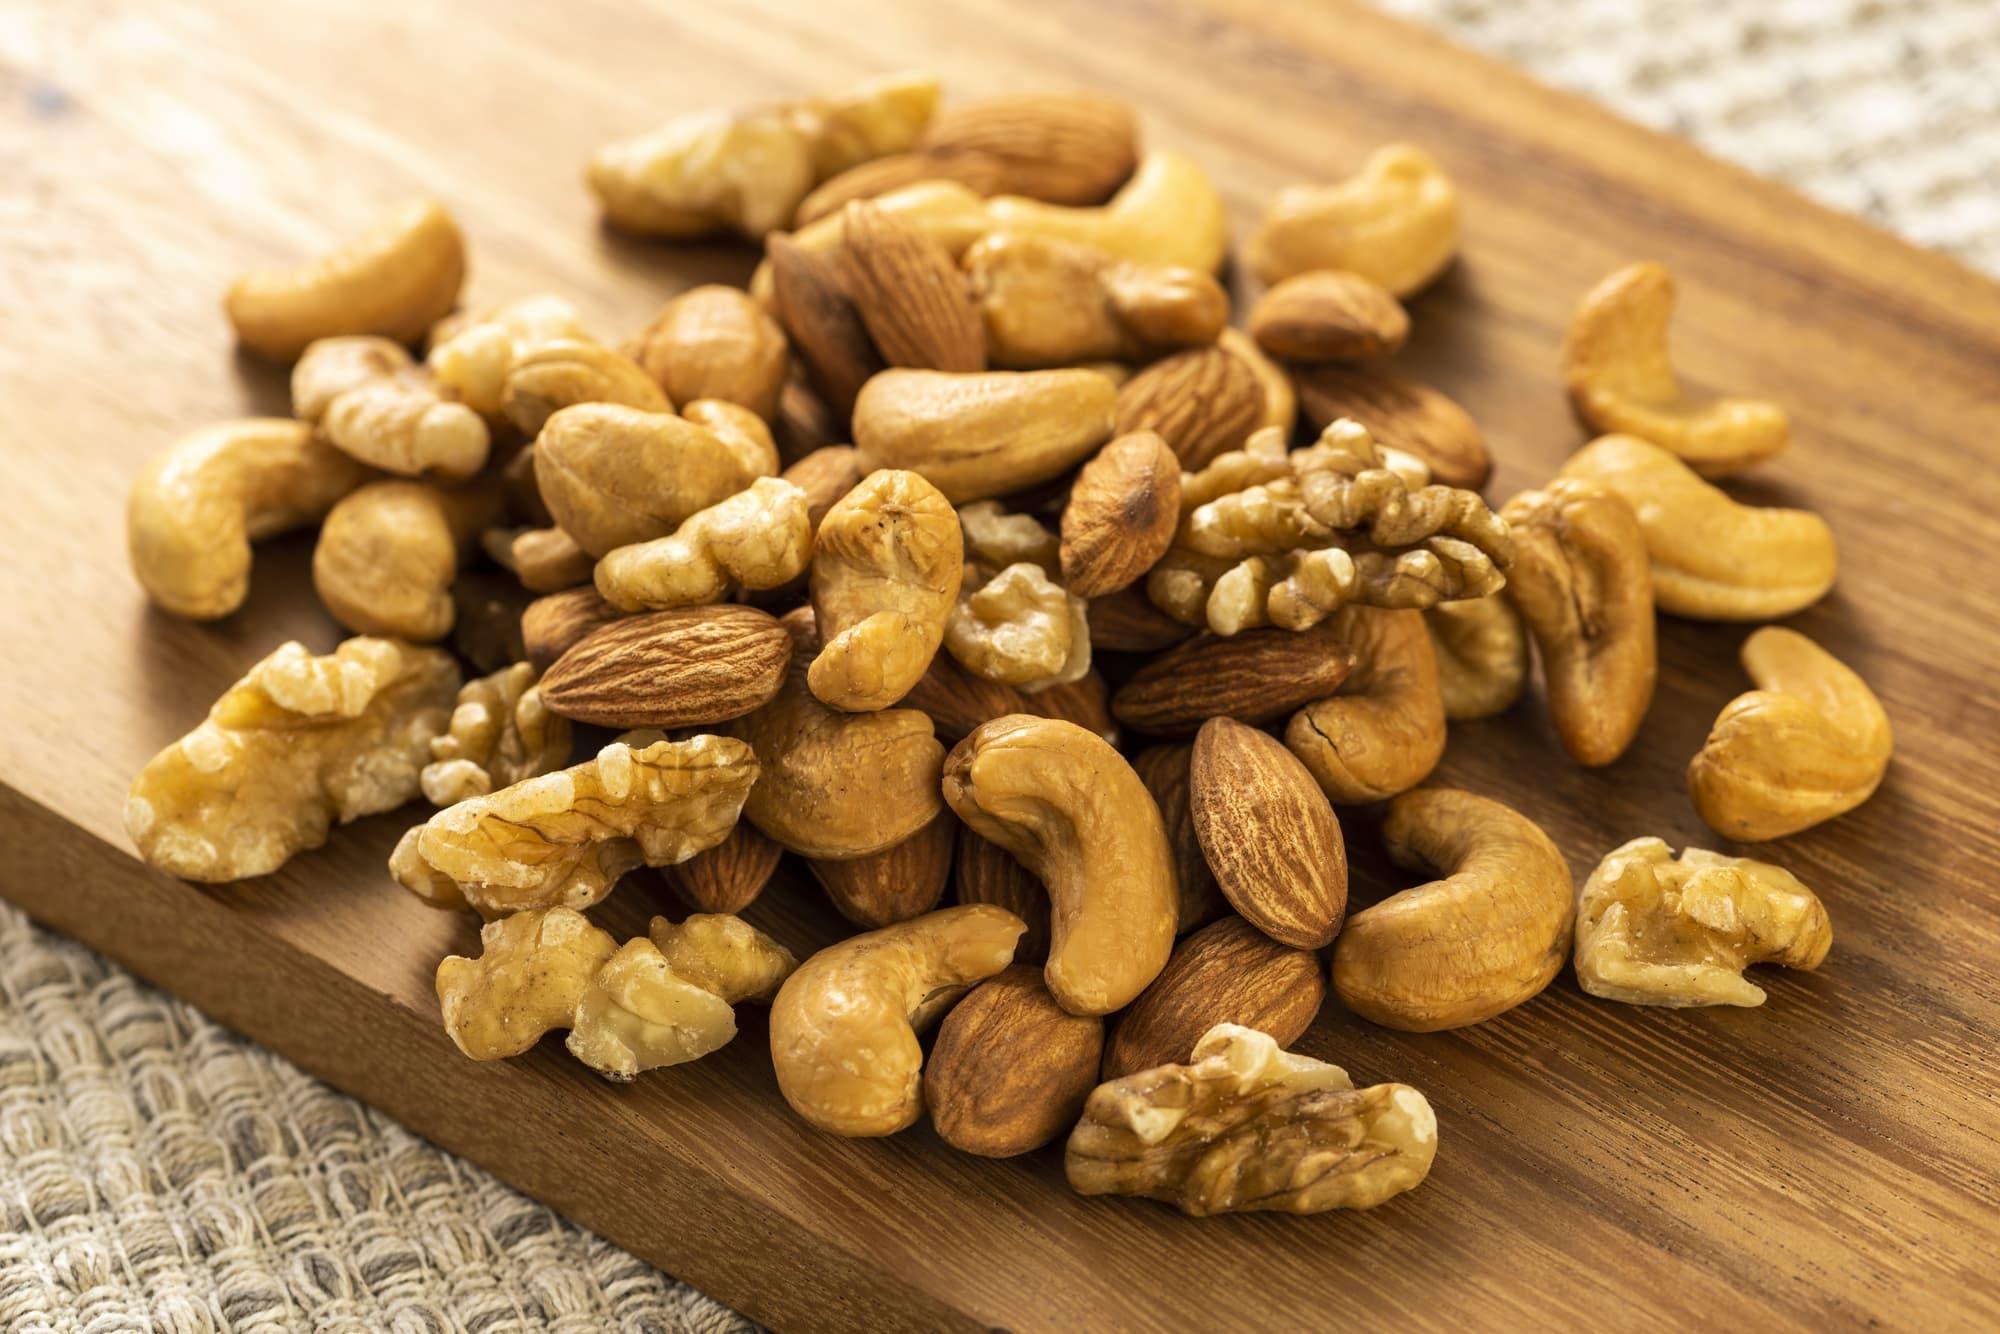 犬に【ピーナッツ】【カシューナッツ】【ヘーゼルナッツ】などのナッツ類を食べさせても大丈夫?